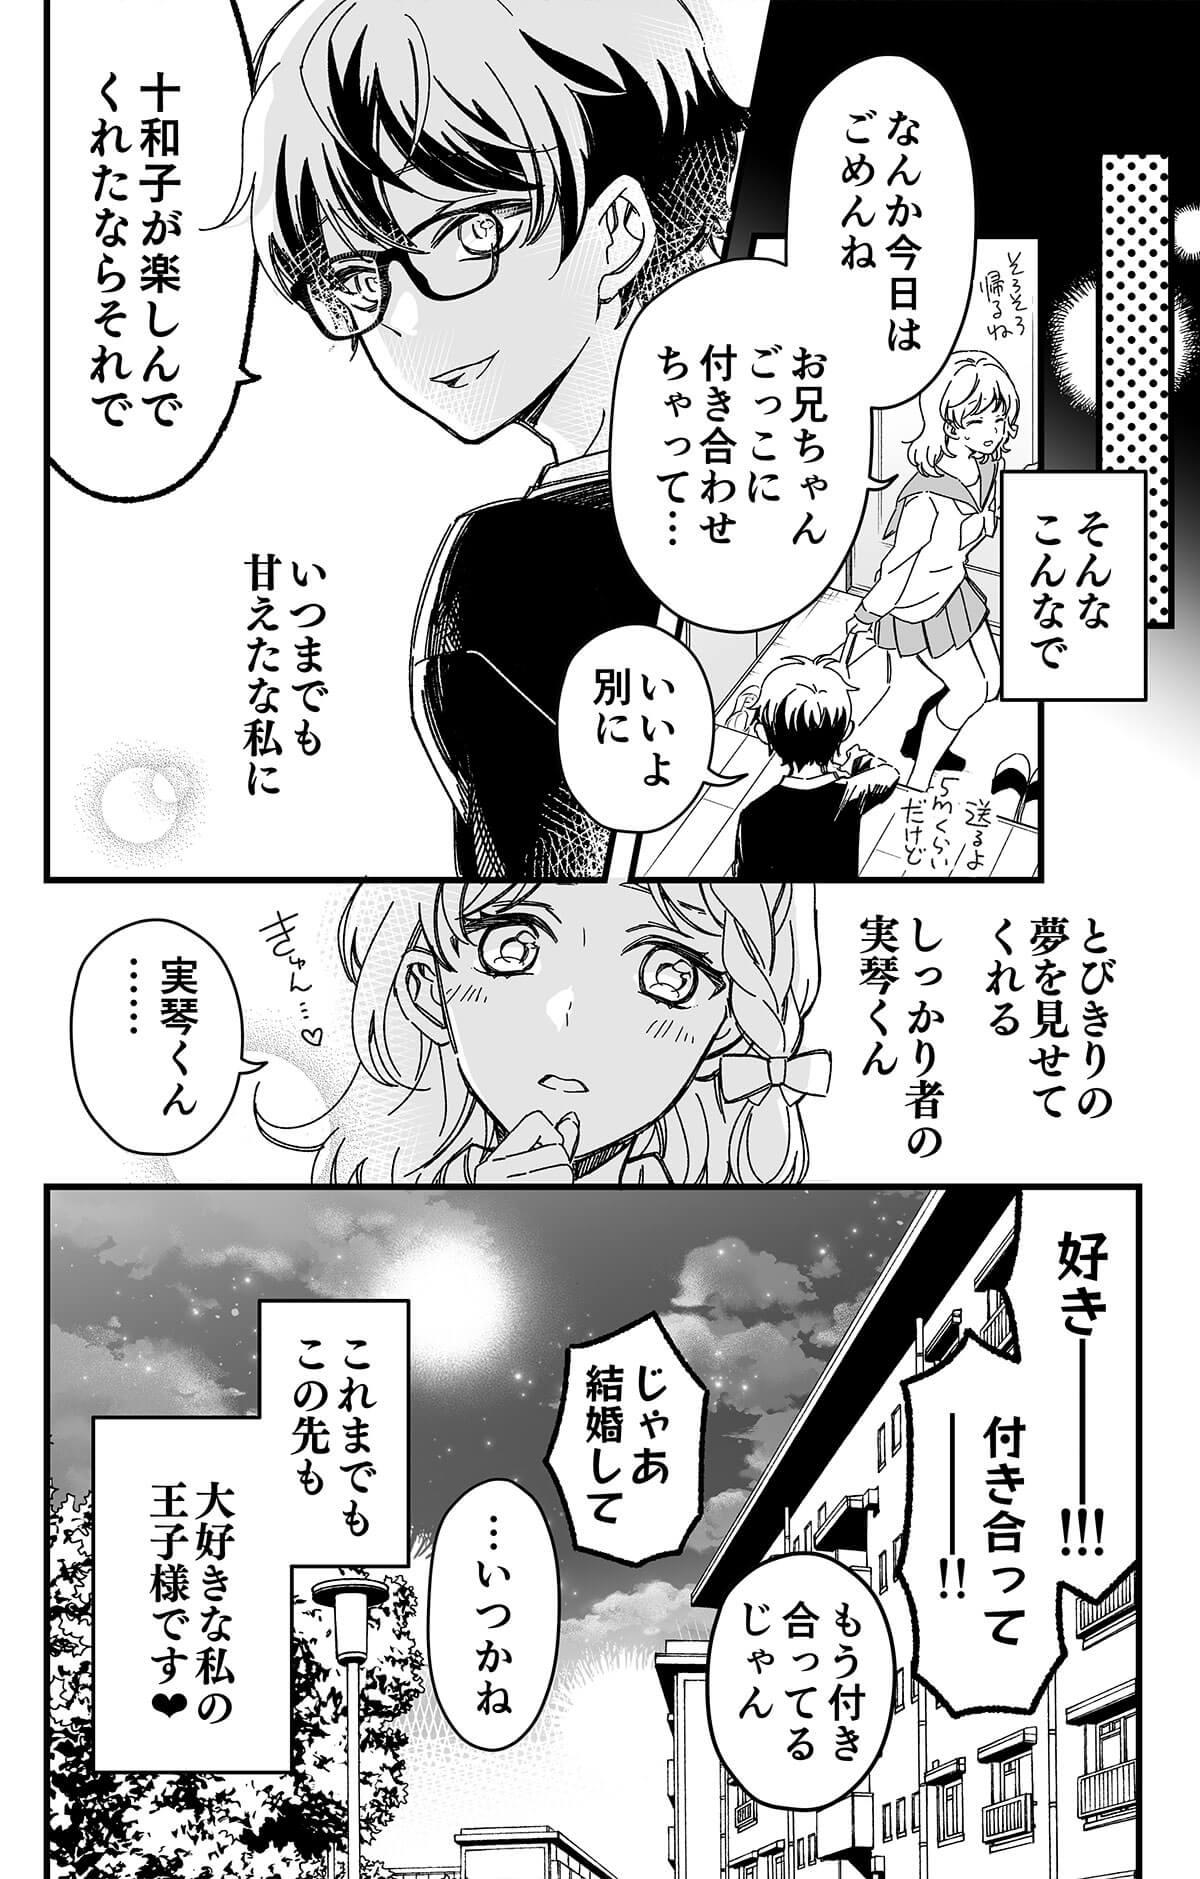 トナリのイケショタくん2-4